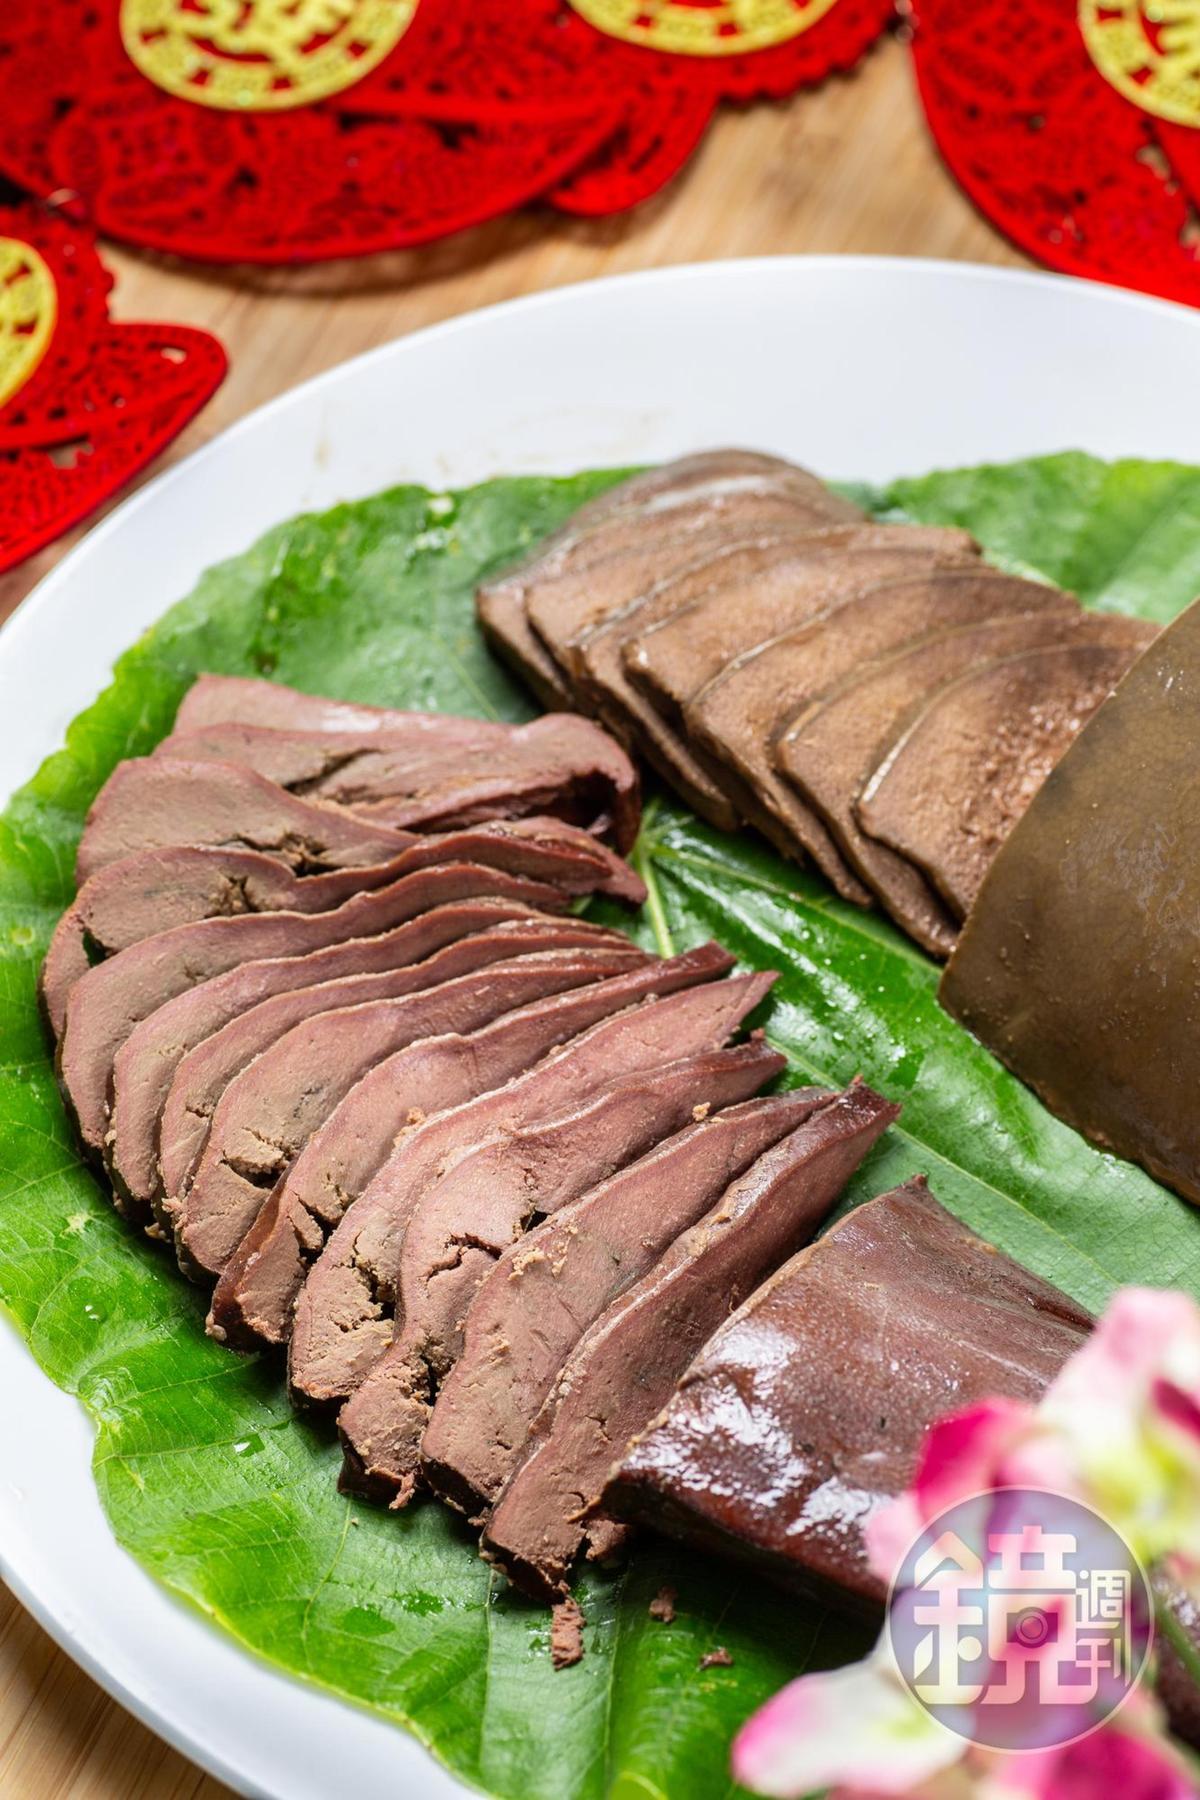 功夫菜「膽肝」(左,50元/100克)是半成品,回家需再加熱至熟透;「粉肝」(右,50.8元/100克)就可開封即食。